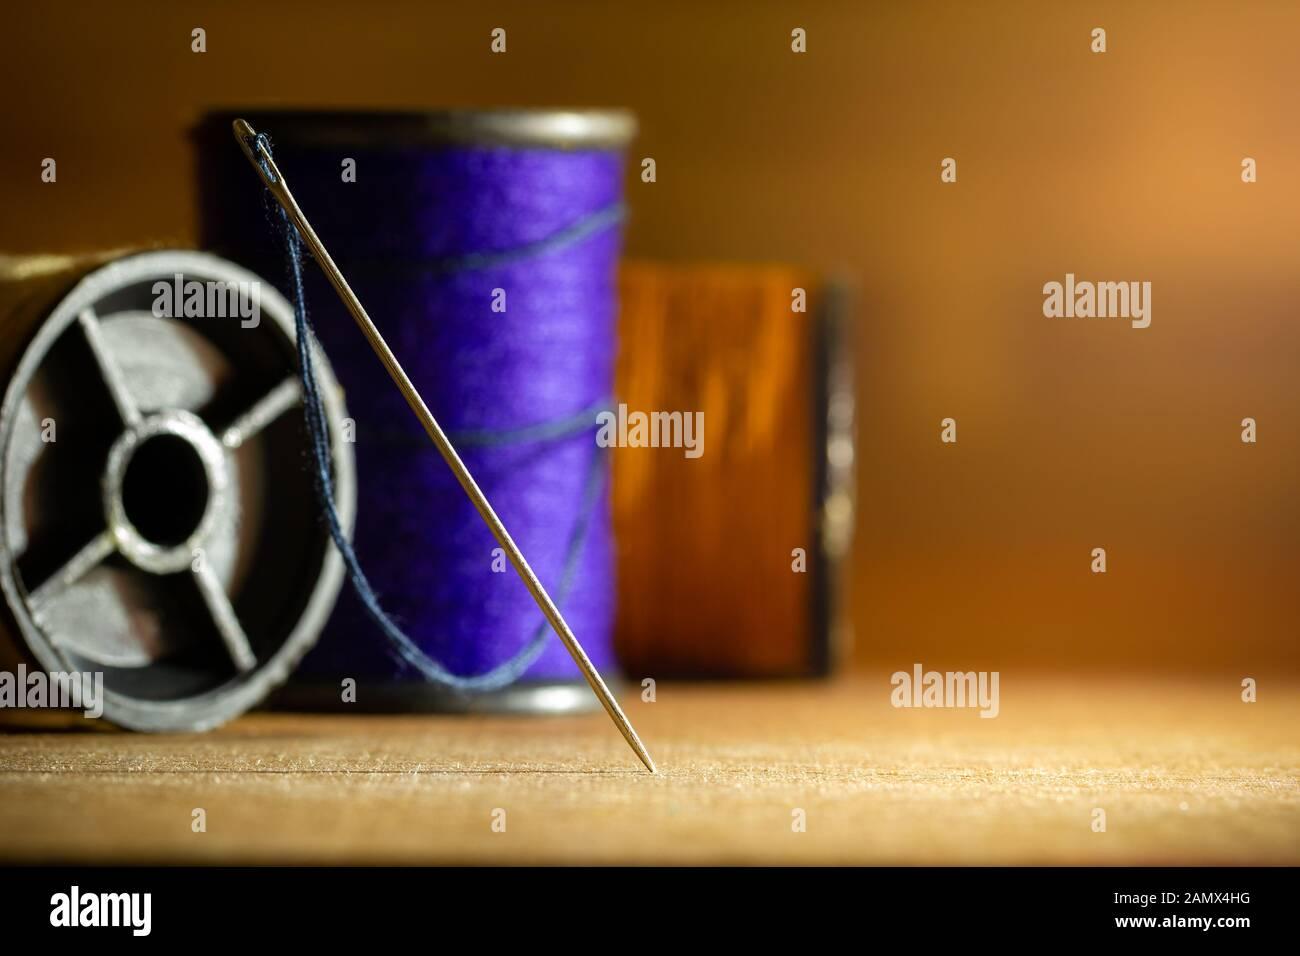 Nadel und Threads auf Holztisch. Closeup kopieren und Platz für Text. Konzept der maßgeschneiderten oder Designer. Stockfoto